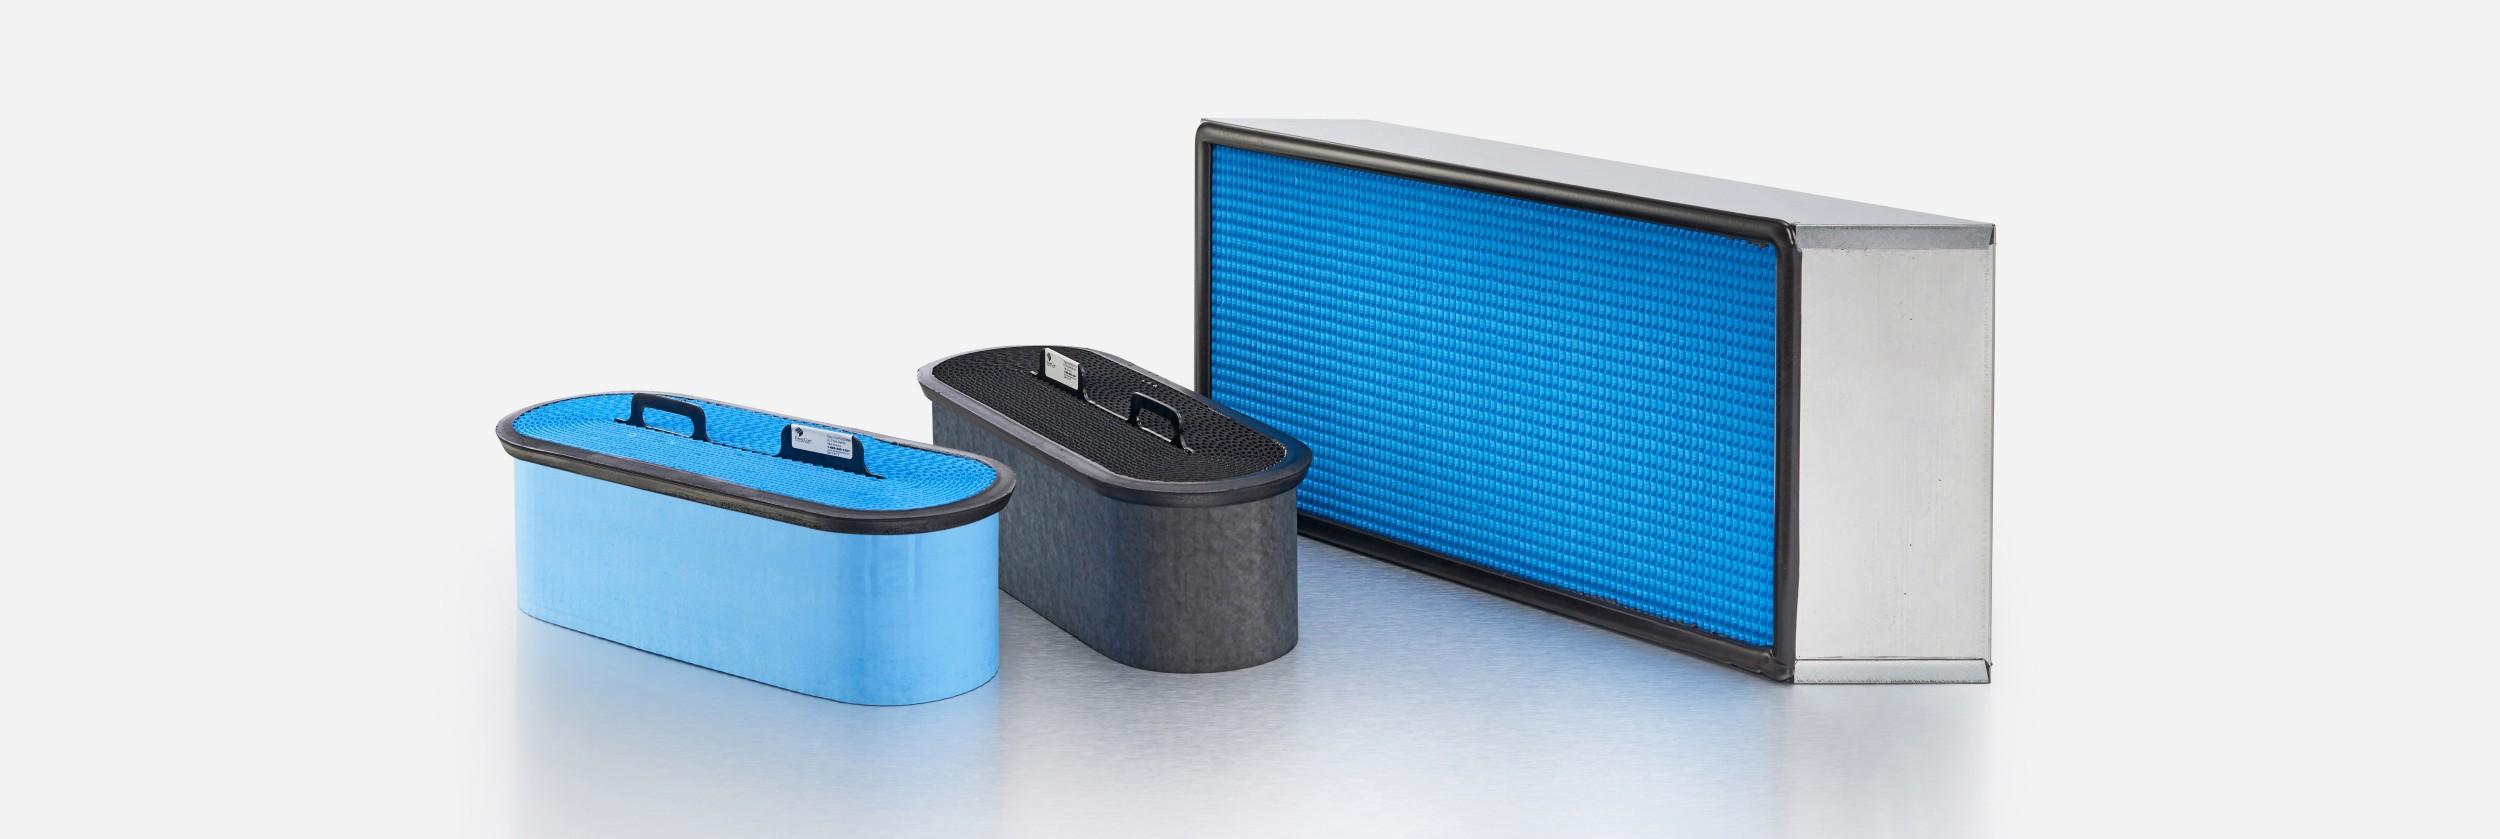 PowerCore filter packs | AIRPLUS Industrial